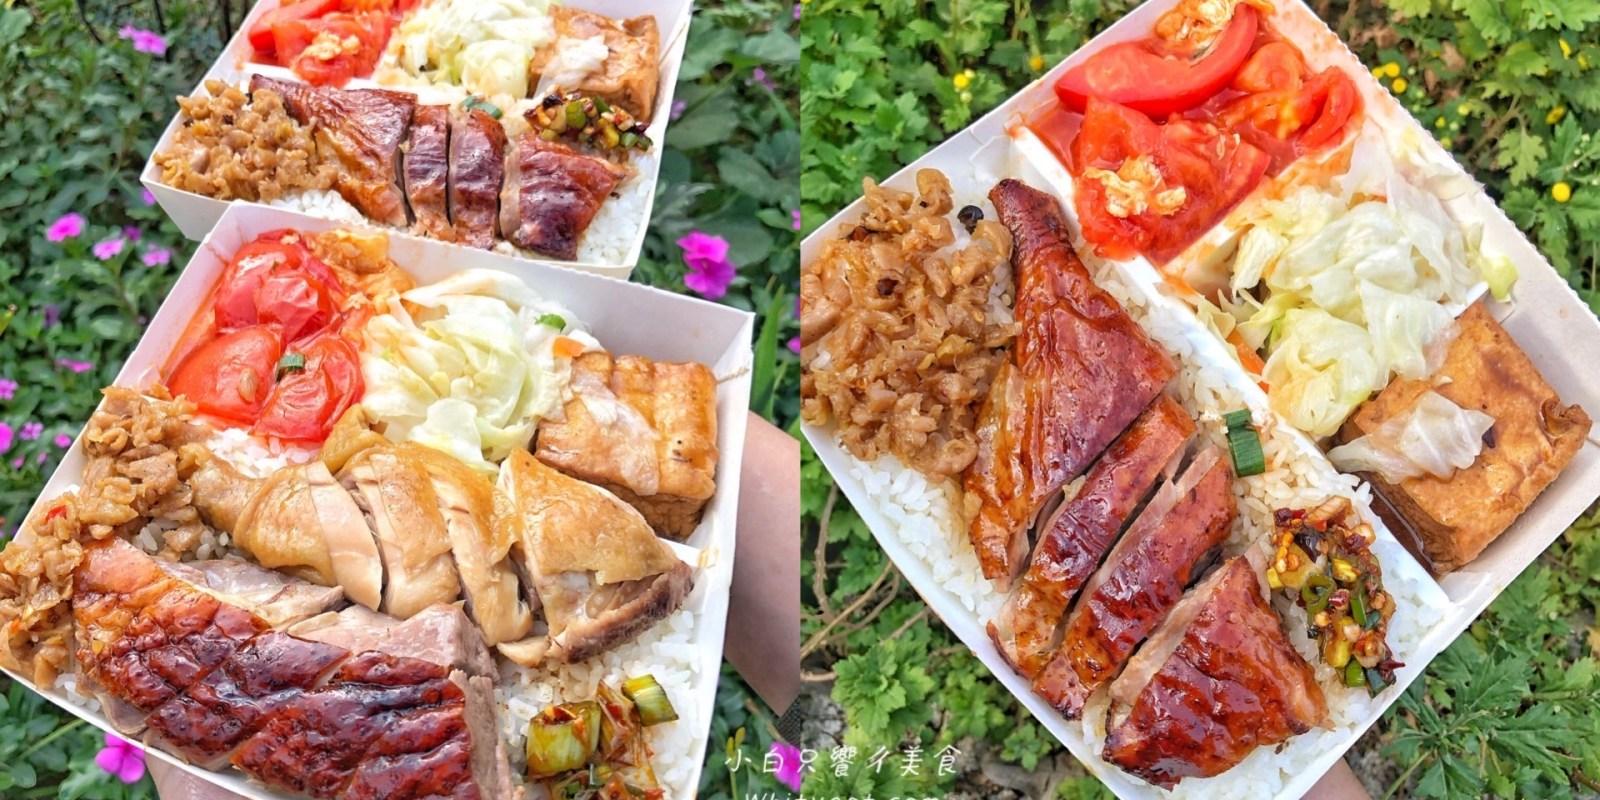 【台南東區美食】港記燒臘 台南超人氣便當店!烤鴨+油雞肉給超多才賣80元!免費加飯/湯/飲料